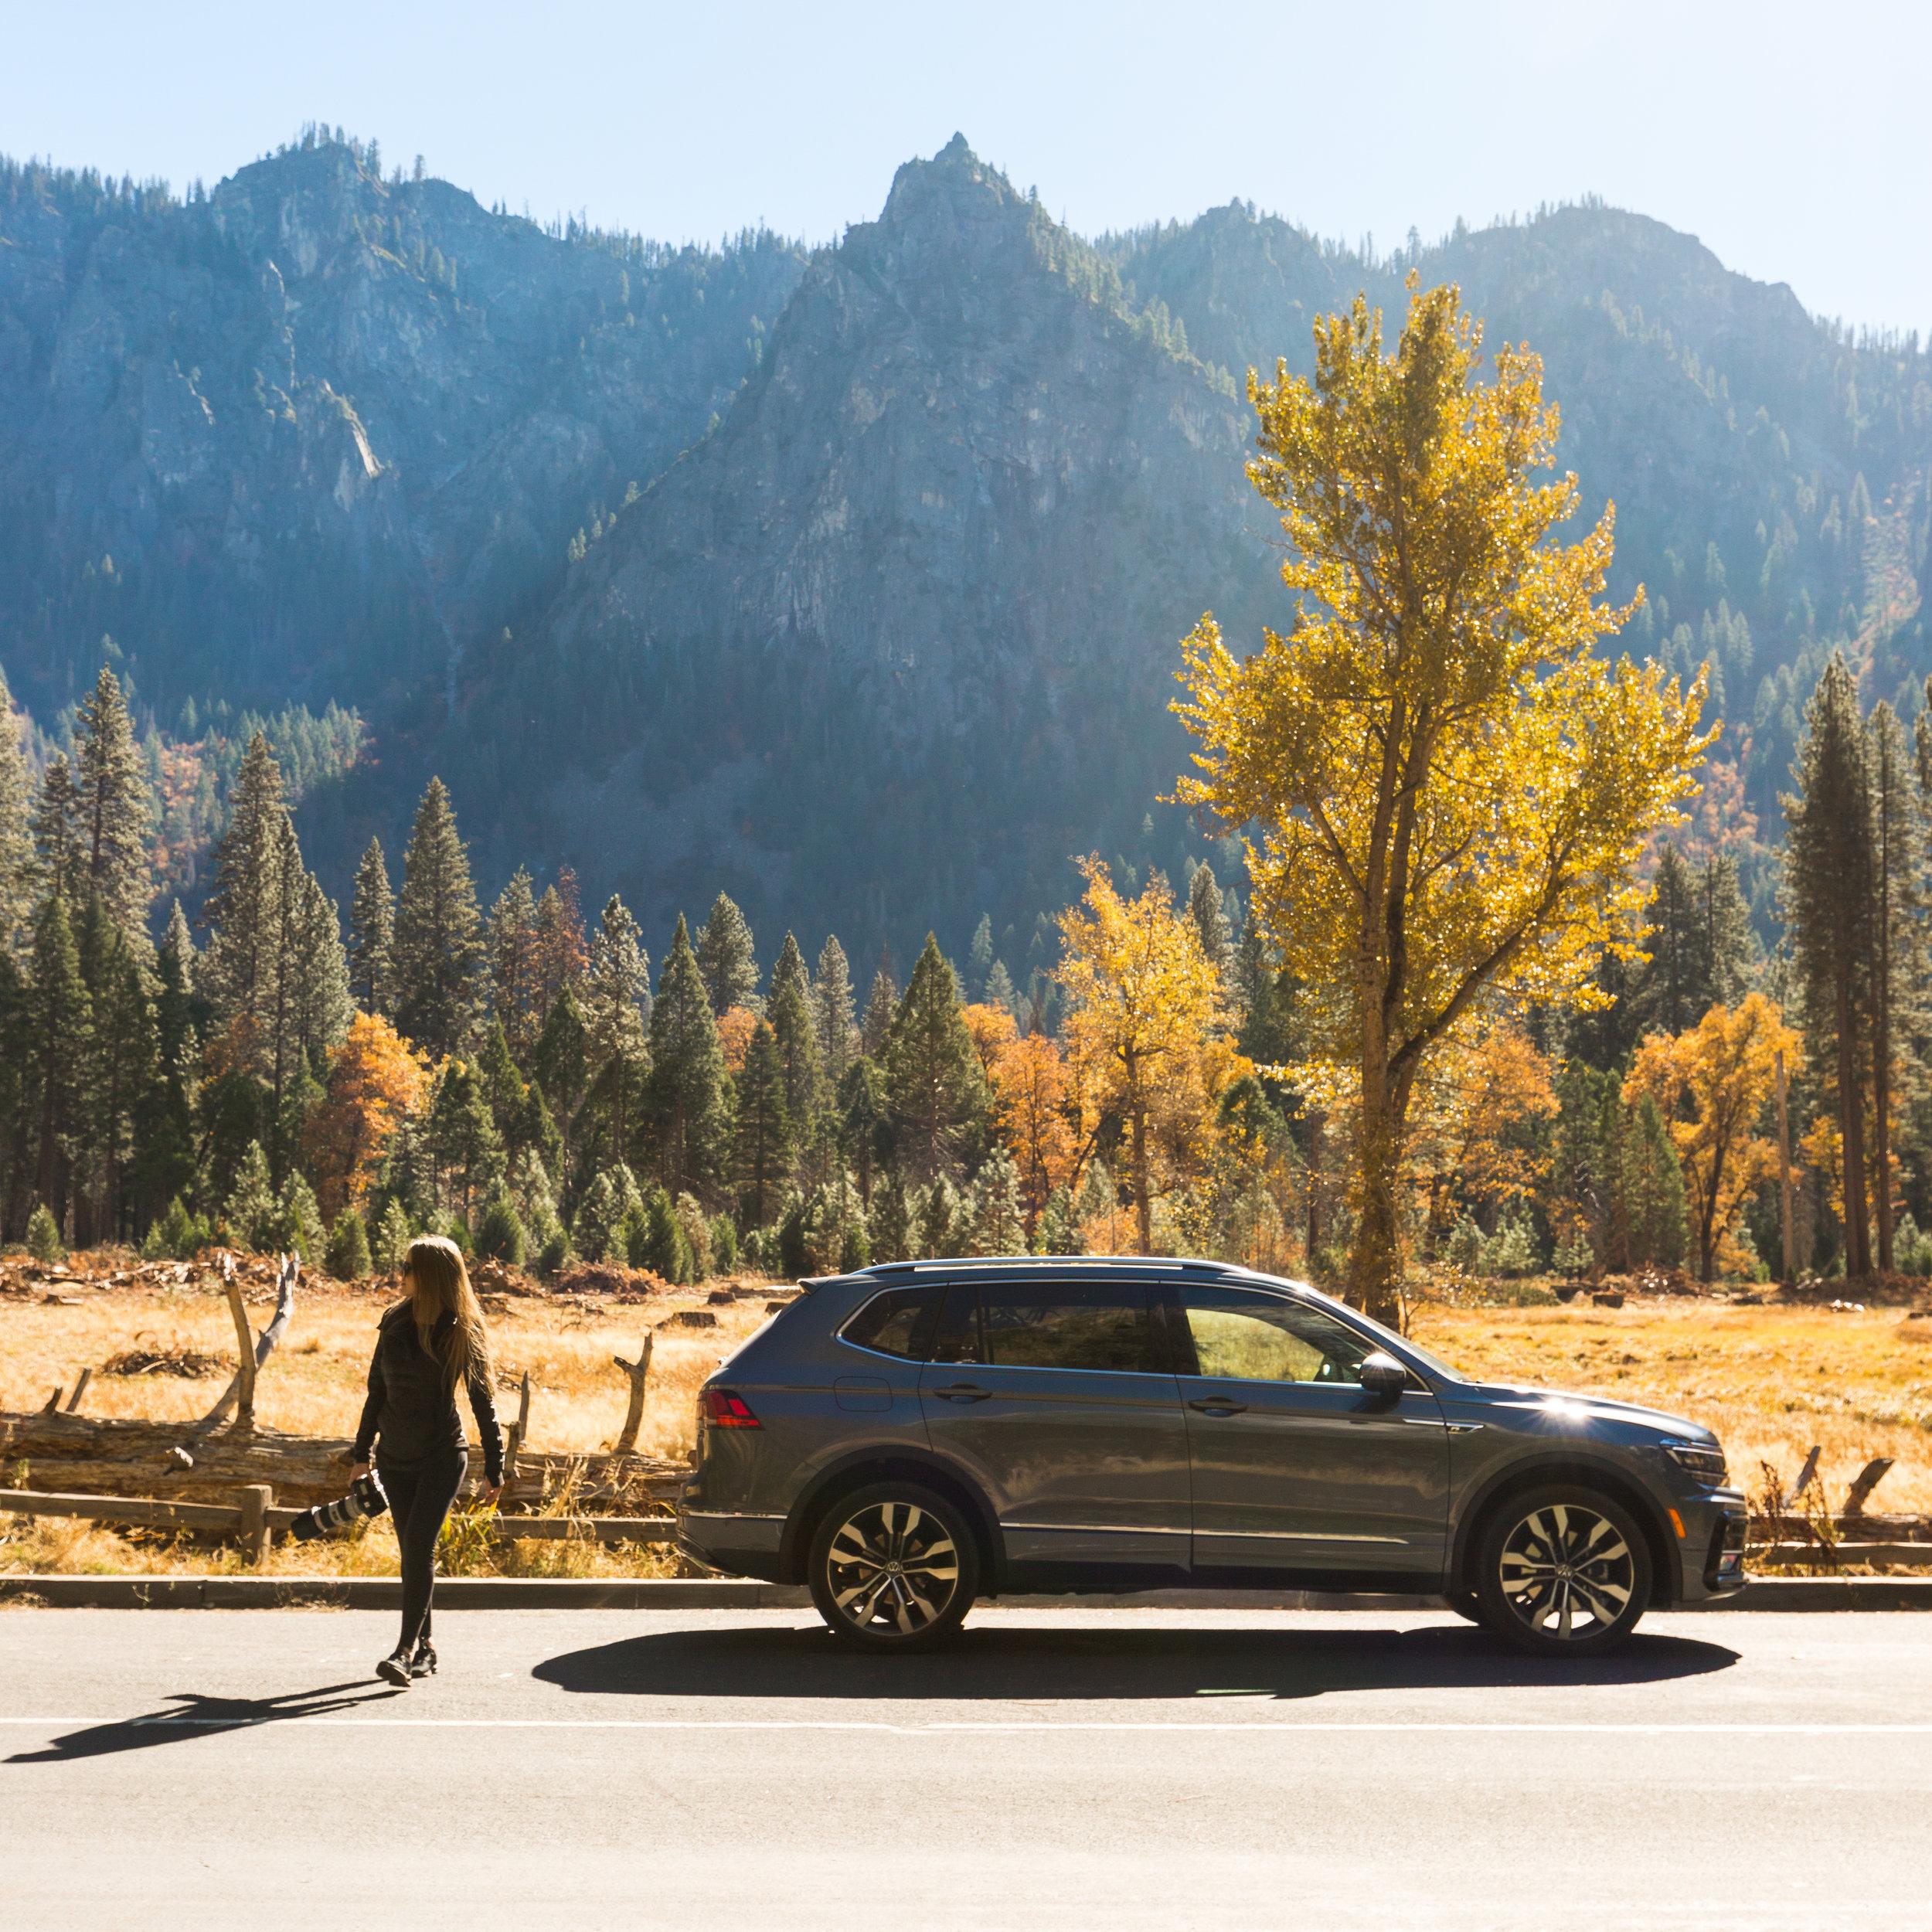 ABE1_VW_Tiguan_Yosemite_Square-2-2.jpg